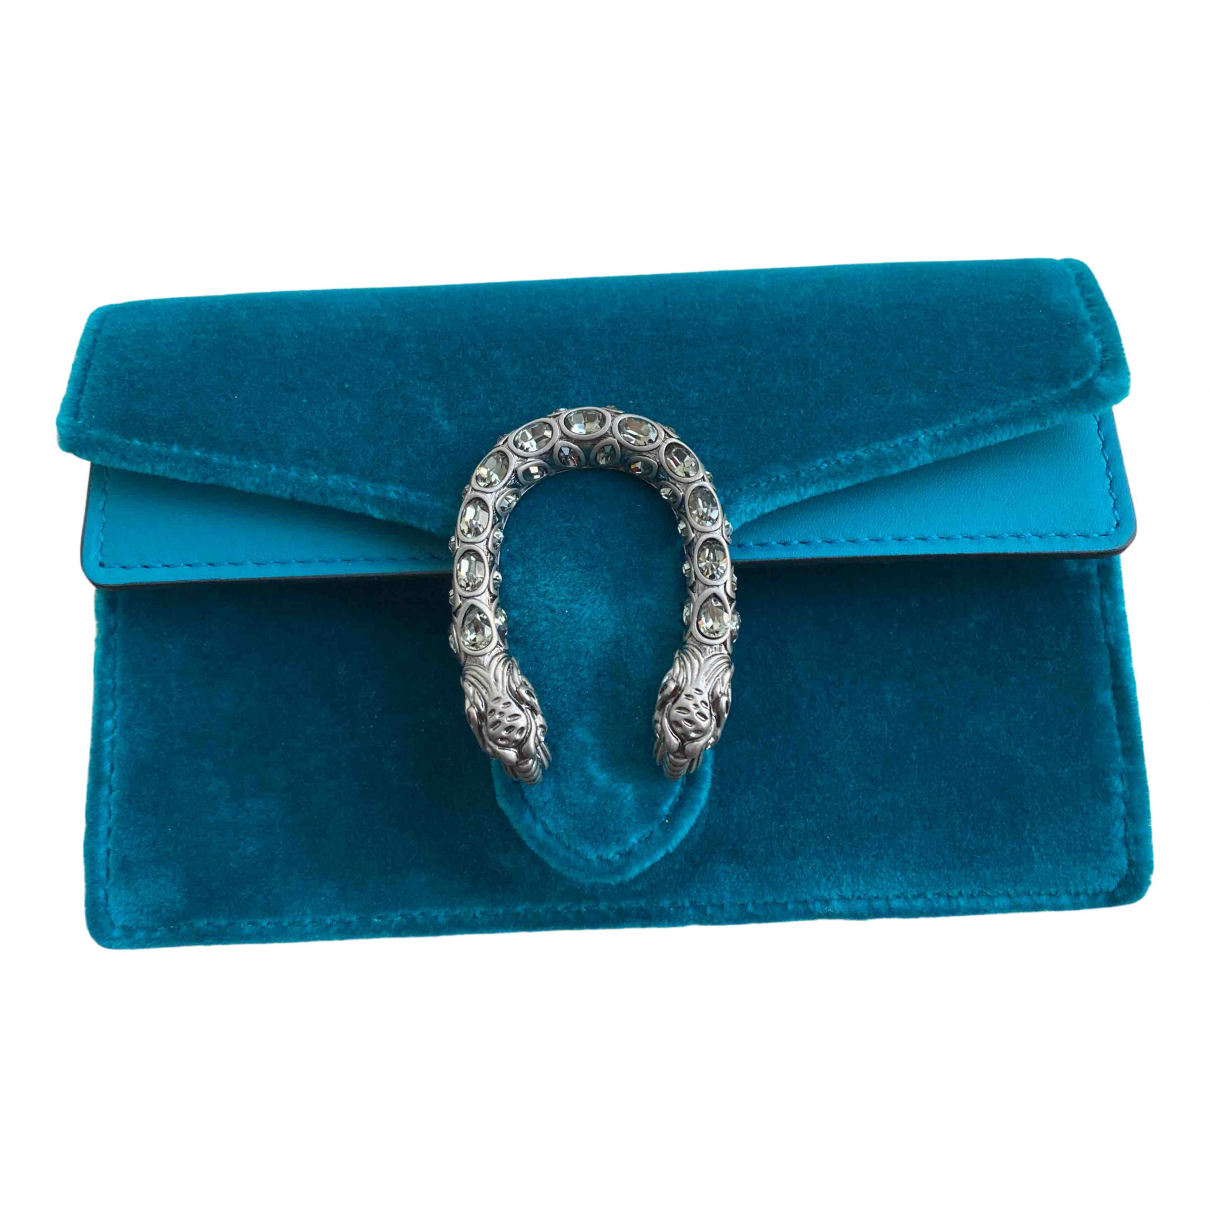 Gucci Dionysus Handtasche in  Gruen Samt